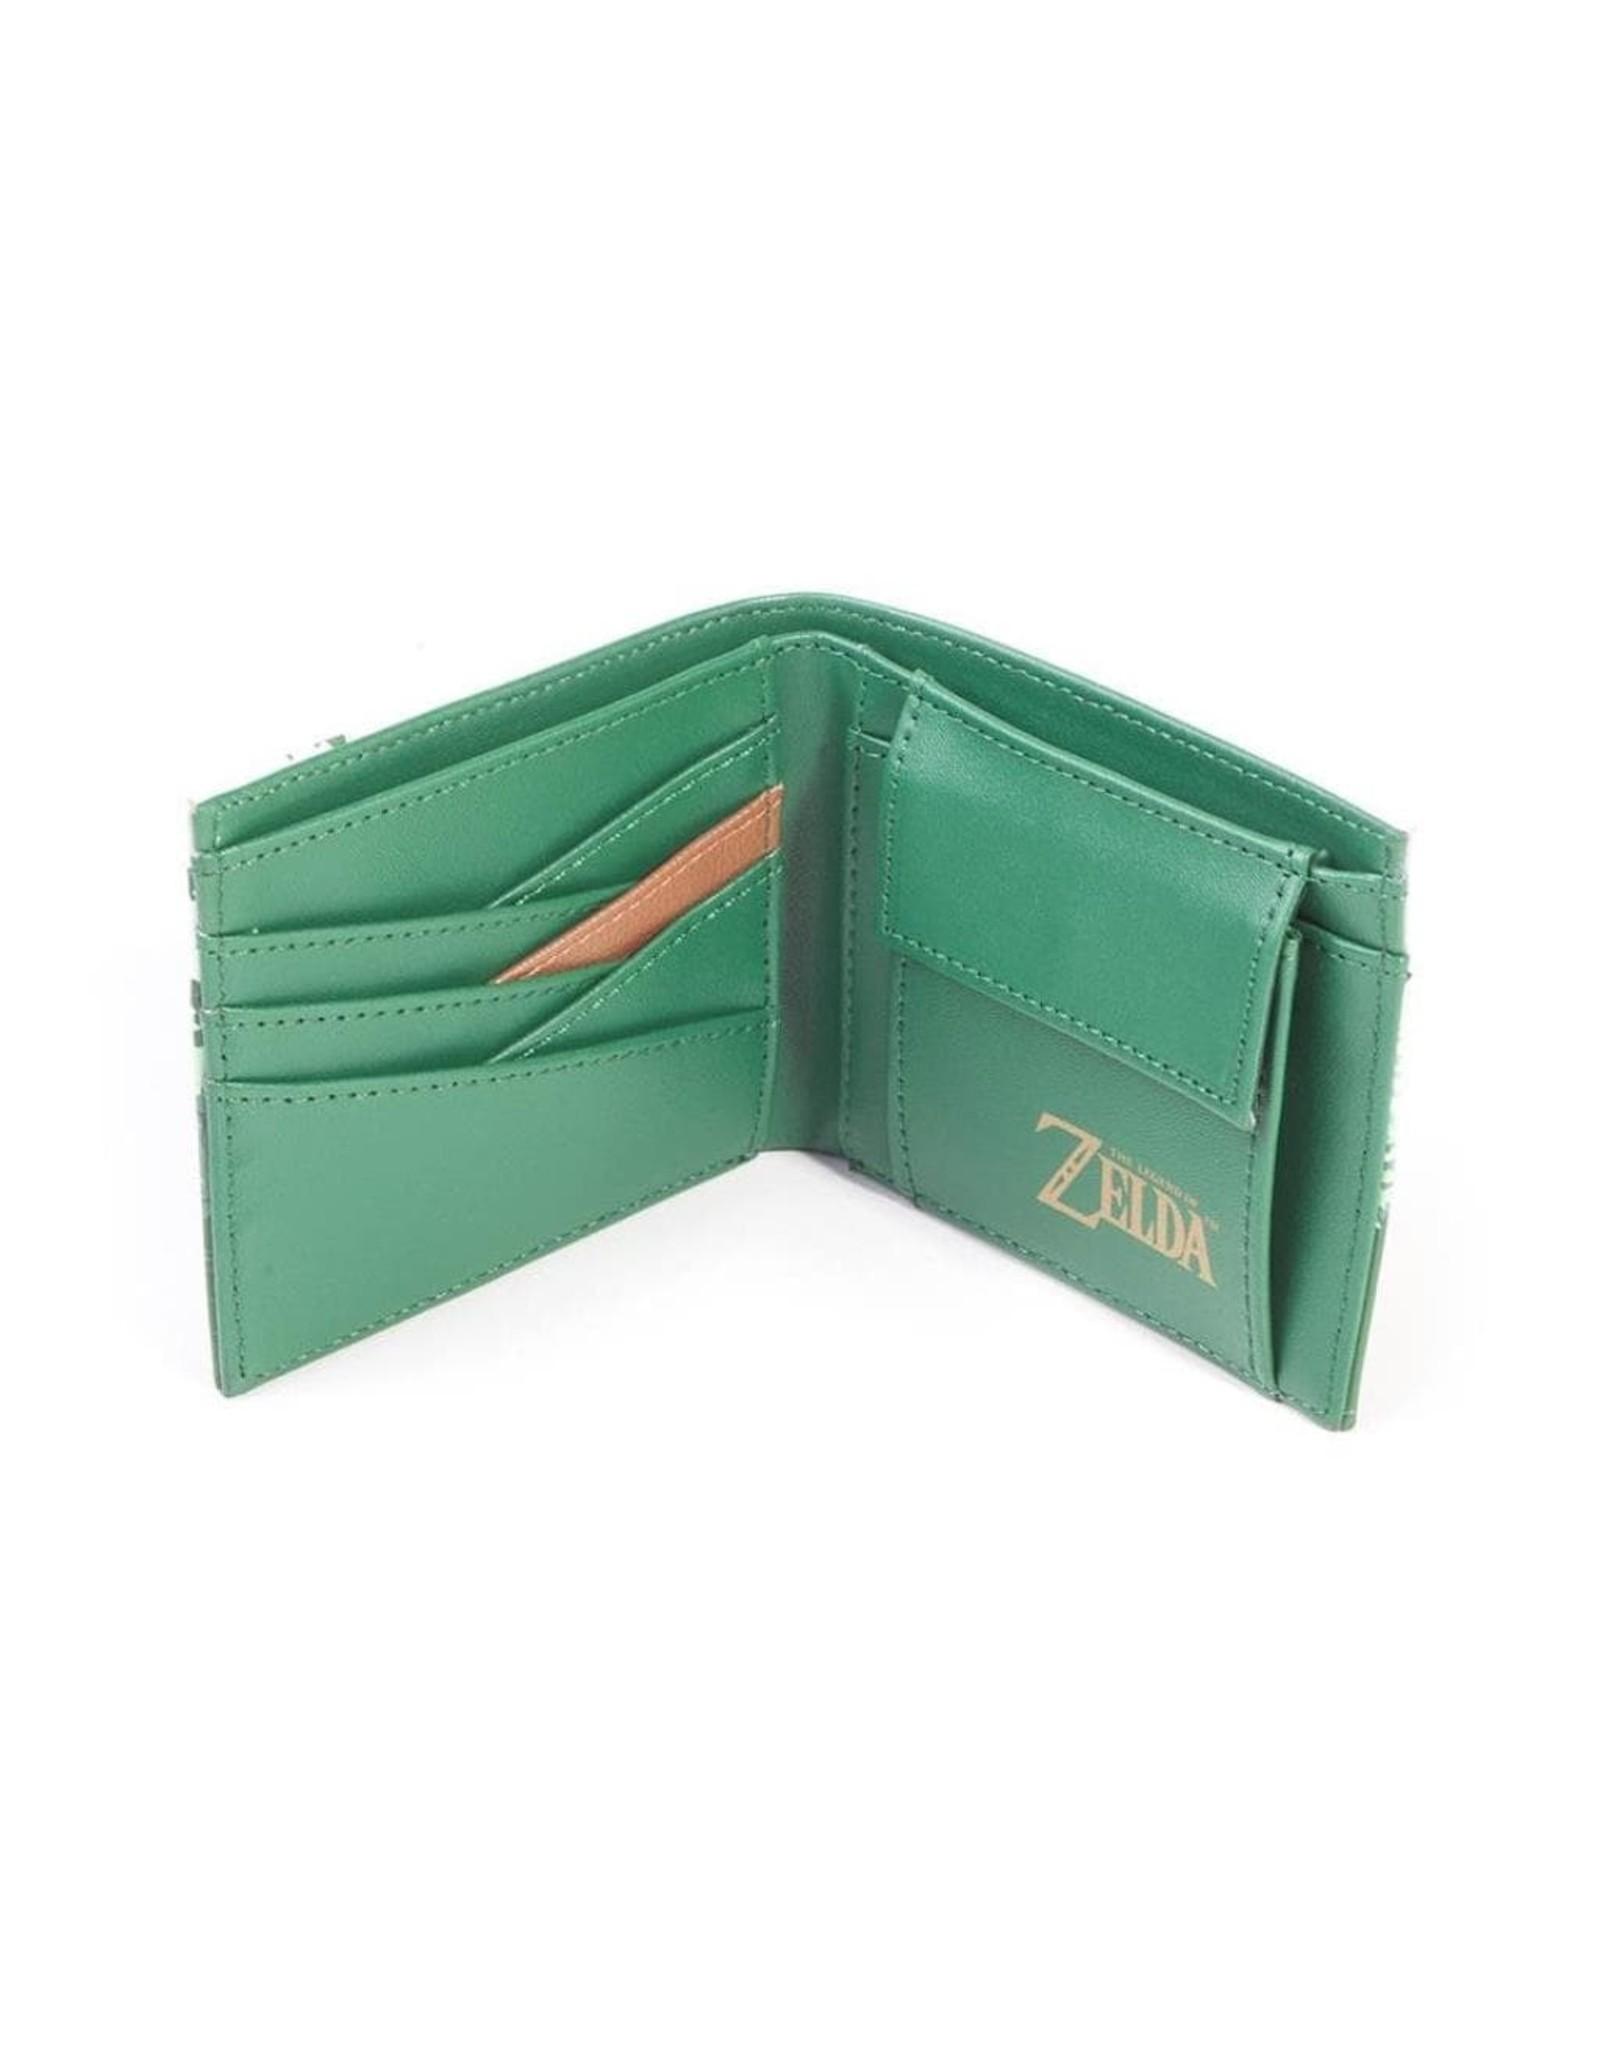 Zelda Merchandise wallets - The Legend of Zelda Forest wallet